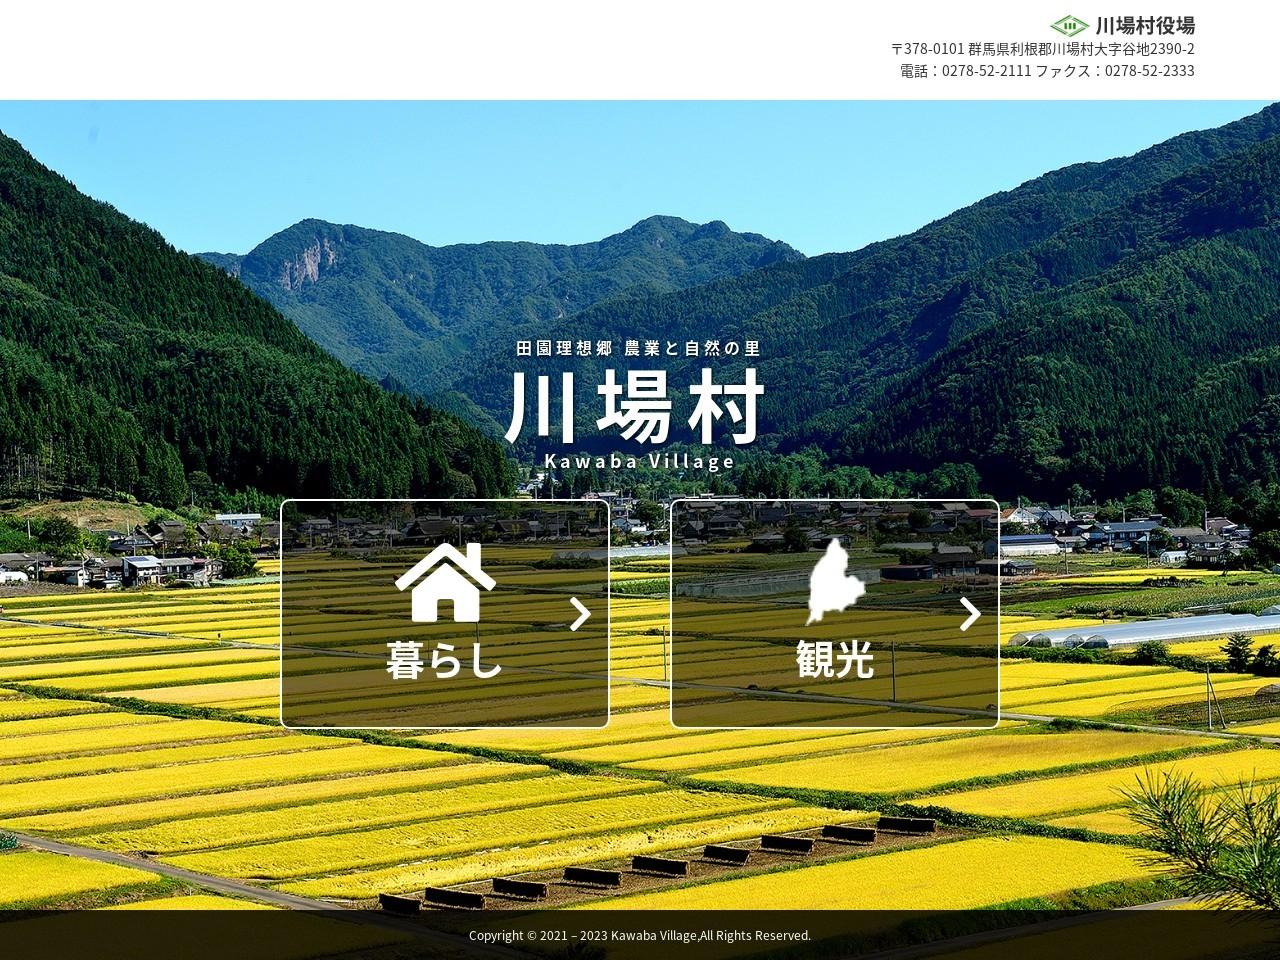 川場村ホームページ